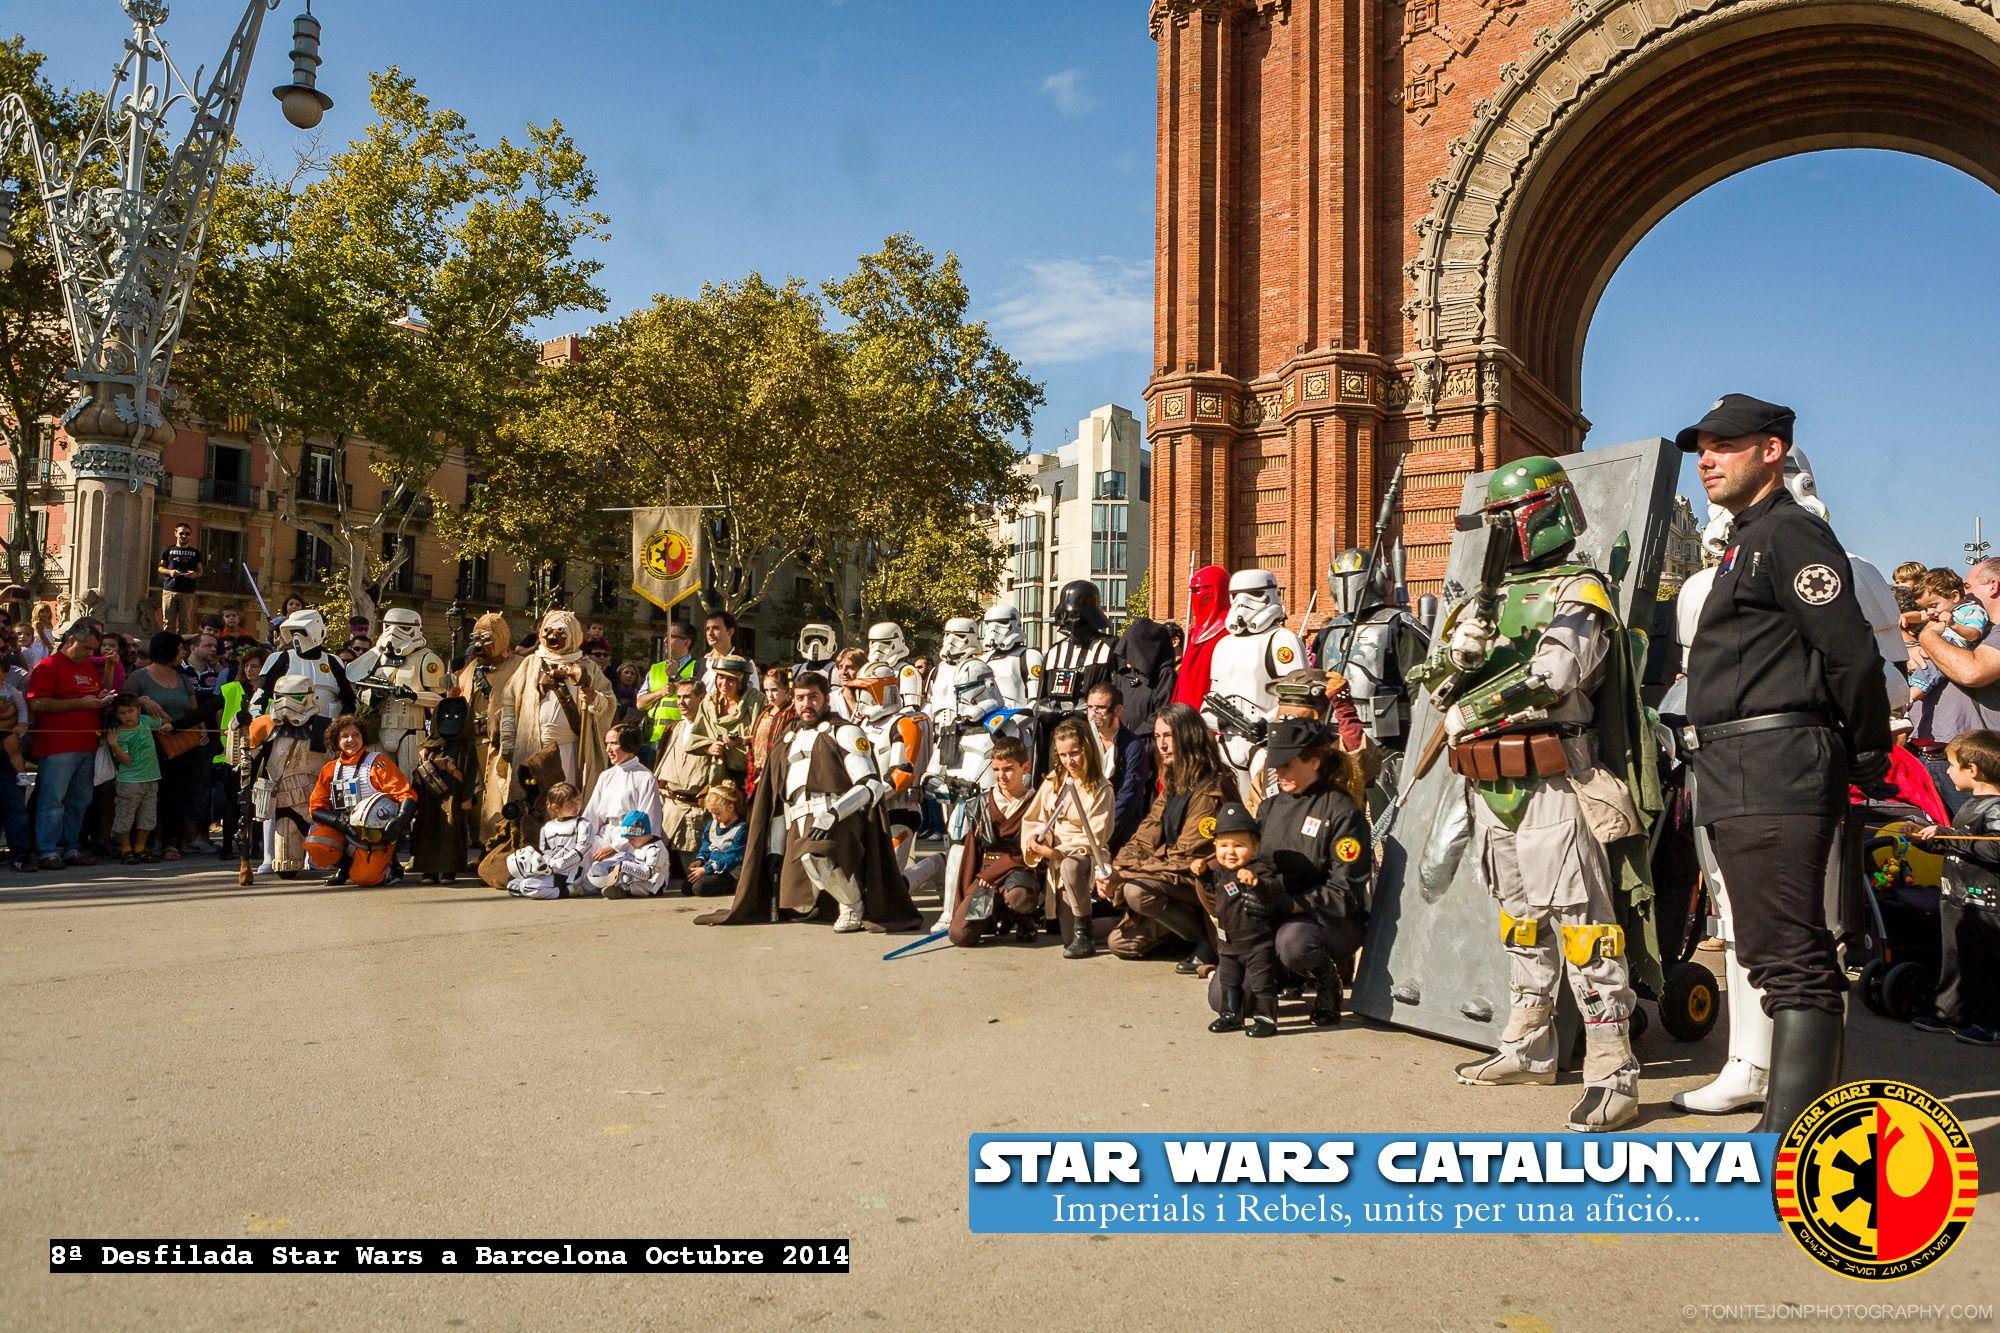 Desfile-Star-Wars-Catalunya-Arc-de-Triomf-2014